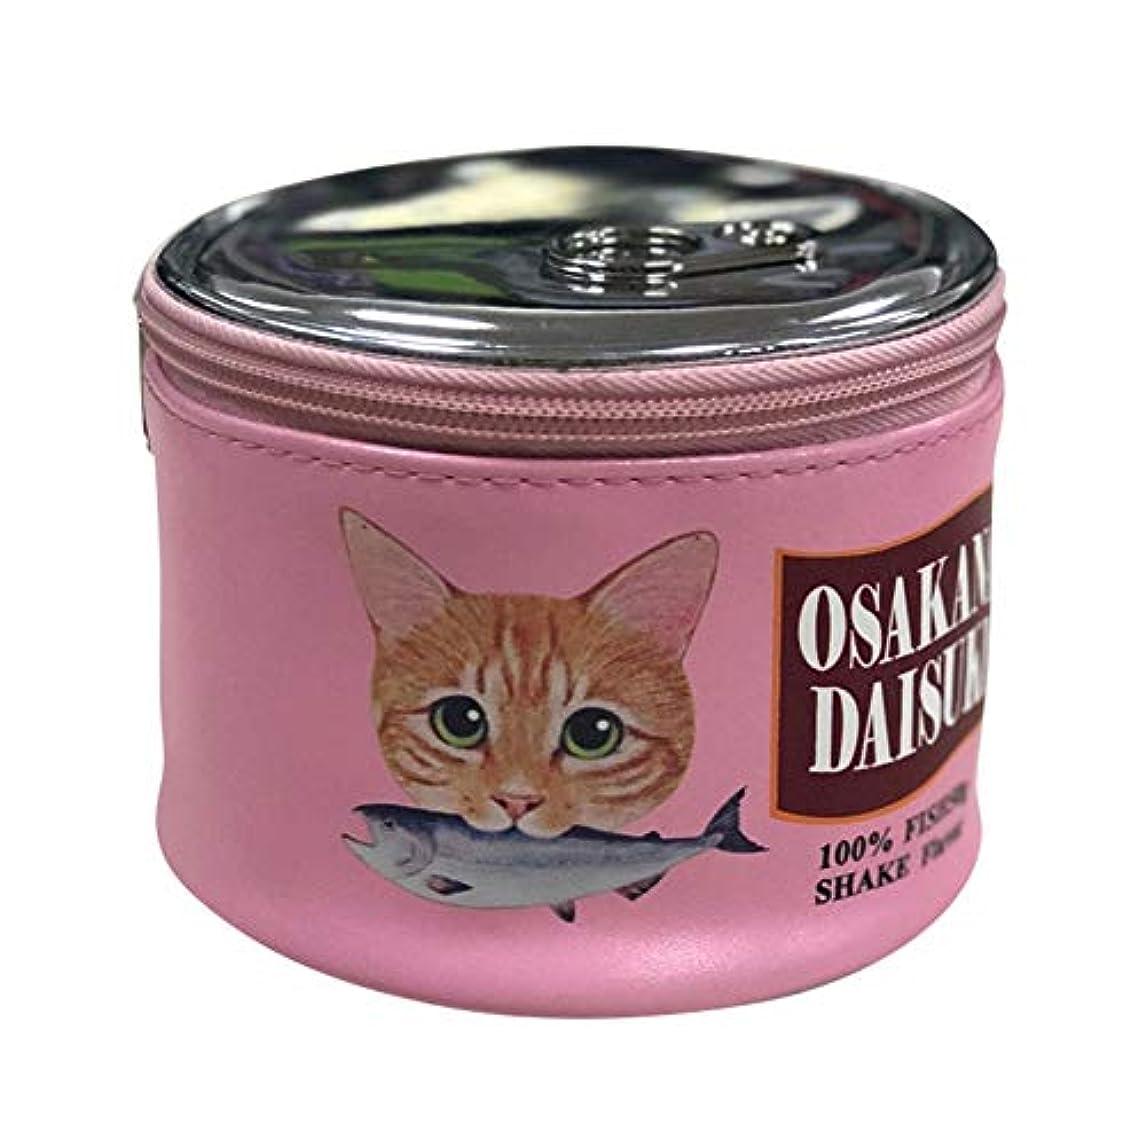 遡るパーフェルビッド上下するVICOODA 化粧ポーチ 猫缶ポーチ 化粧品収納 猫柄 かわいい おしゃれ レディース 持ち運び 旅行/出張用 (ピンク)